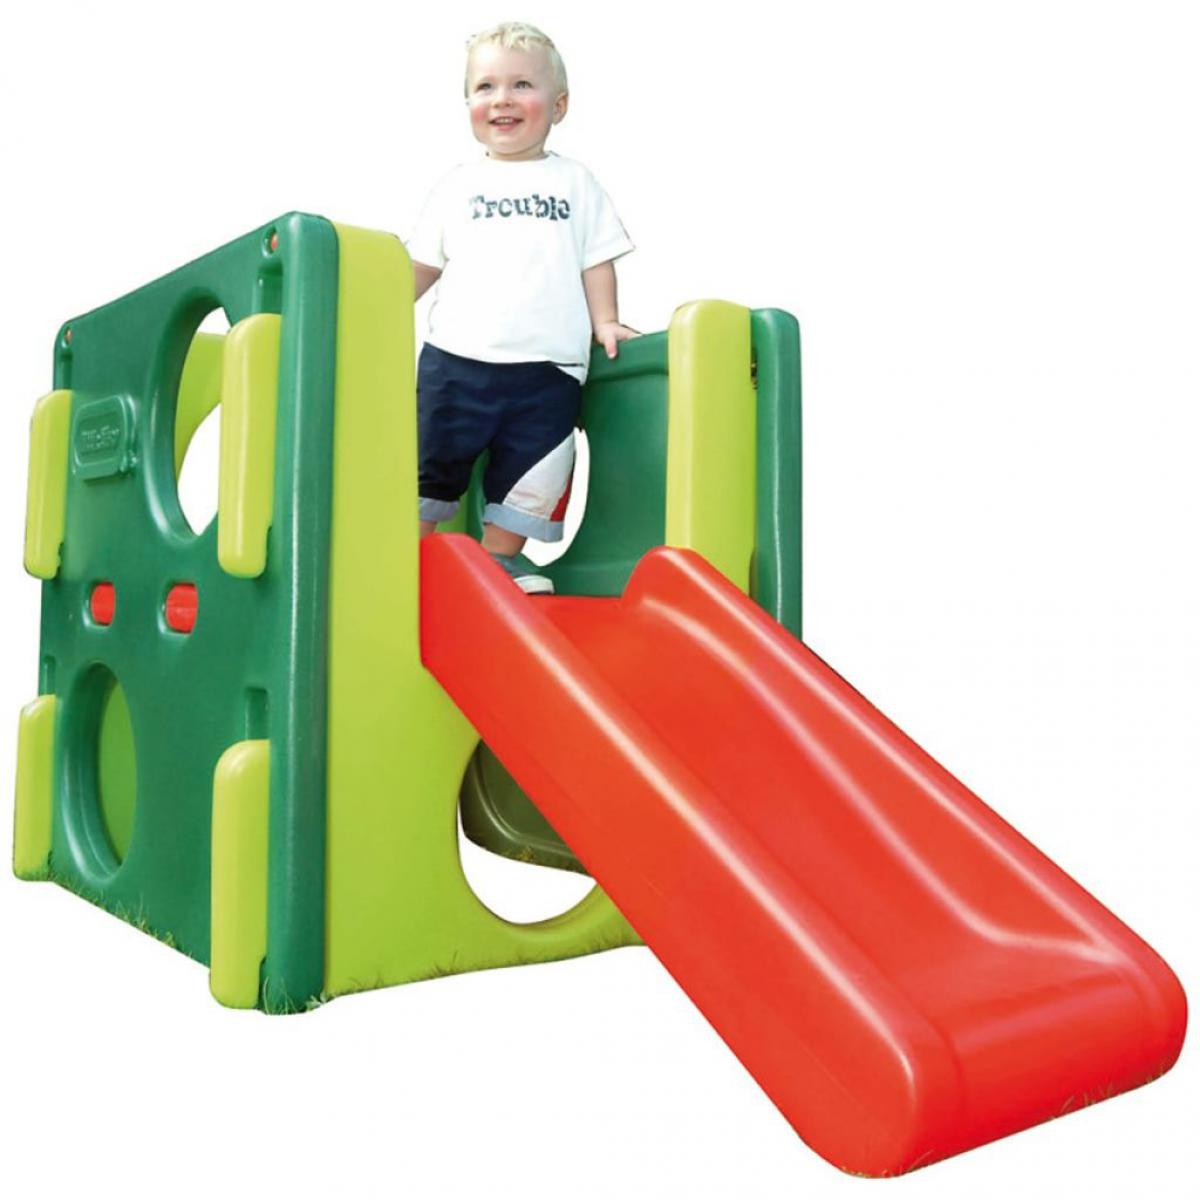 Little Tikes Little Tikes Aire de jeux pour enfant verte